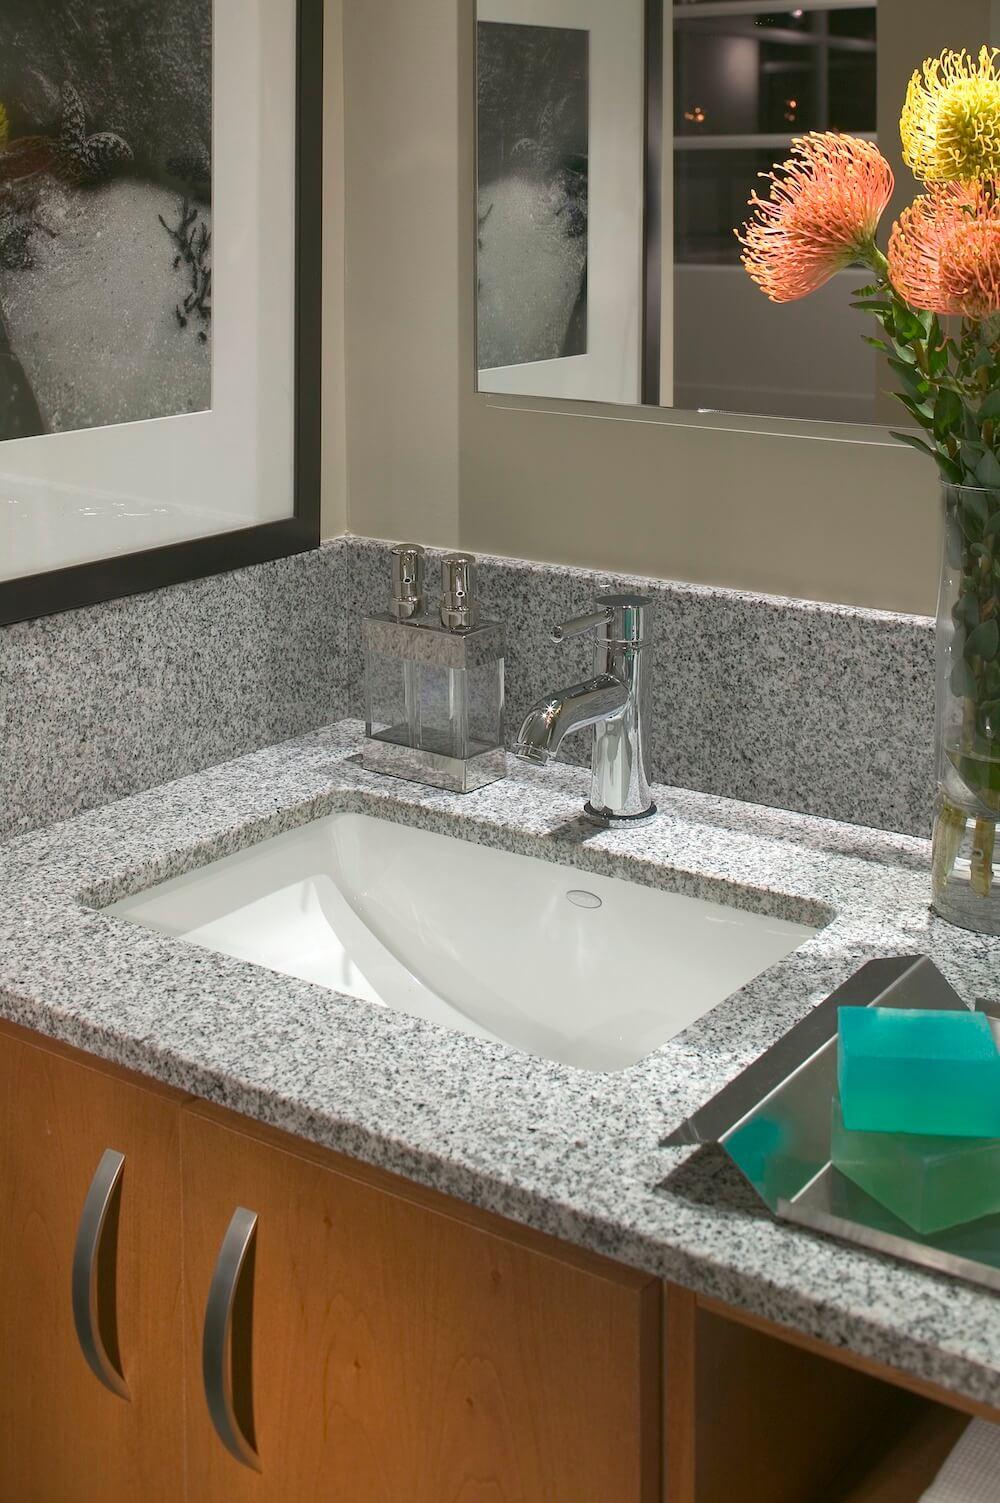 kitchen countertops cost per square foot unique sinks 2017 corian | price